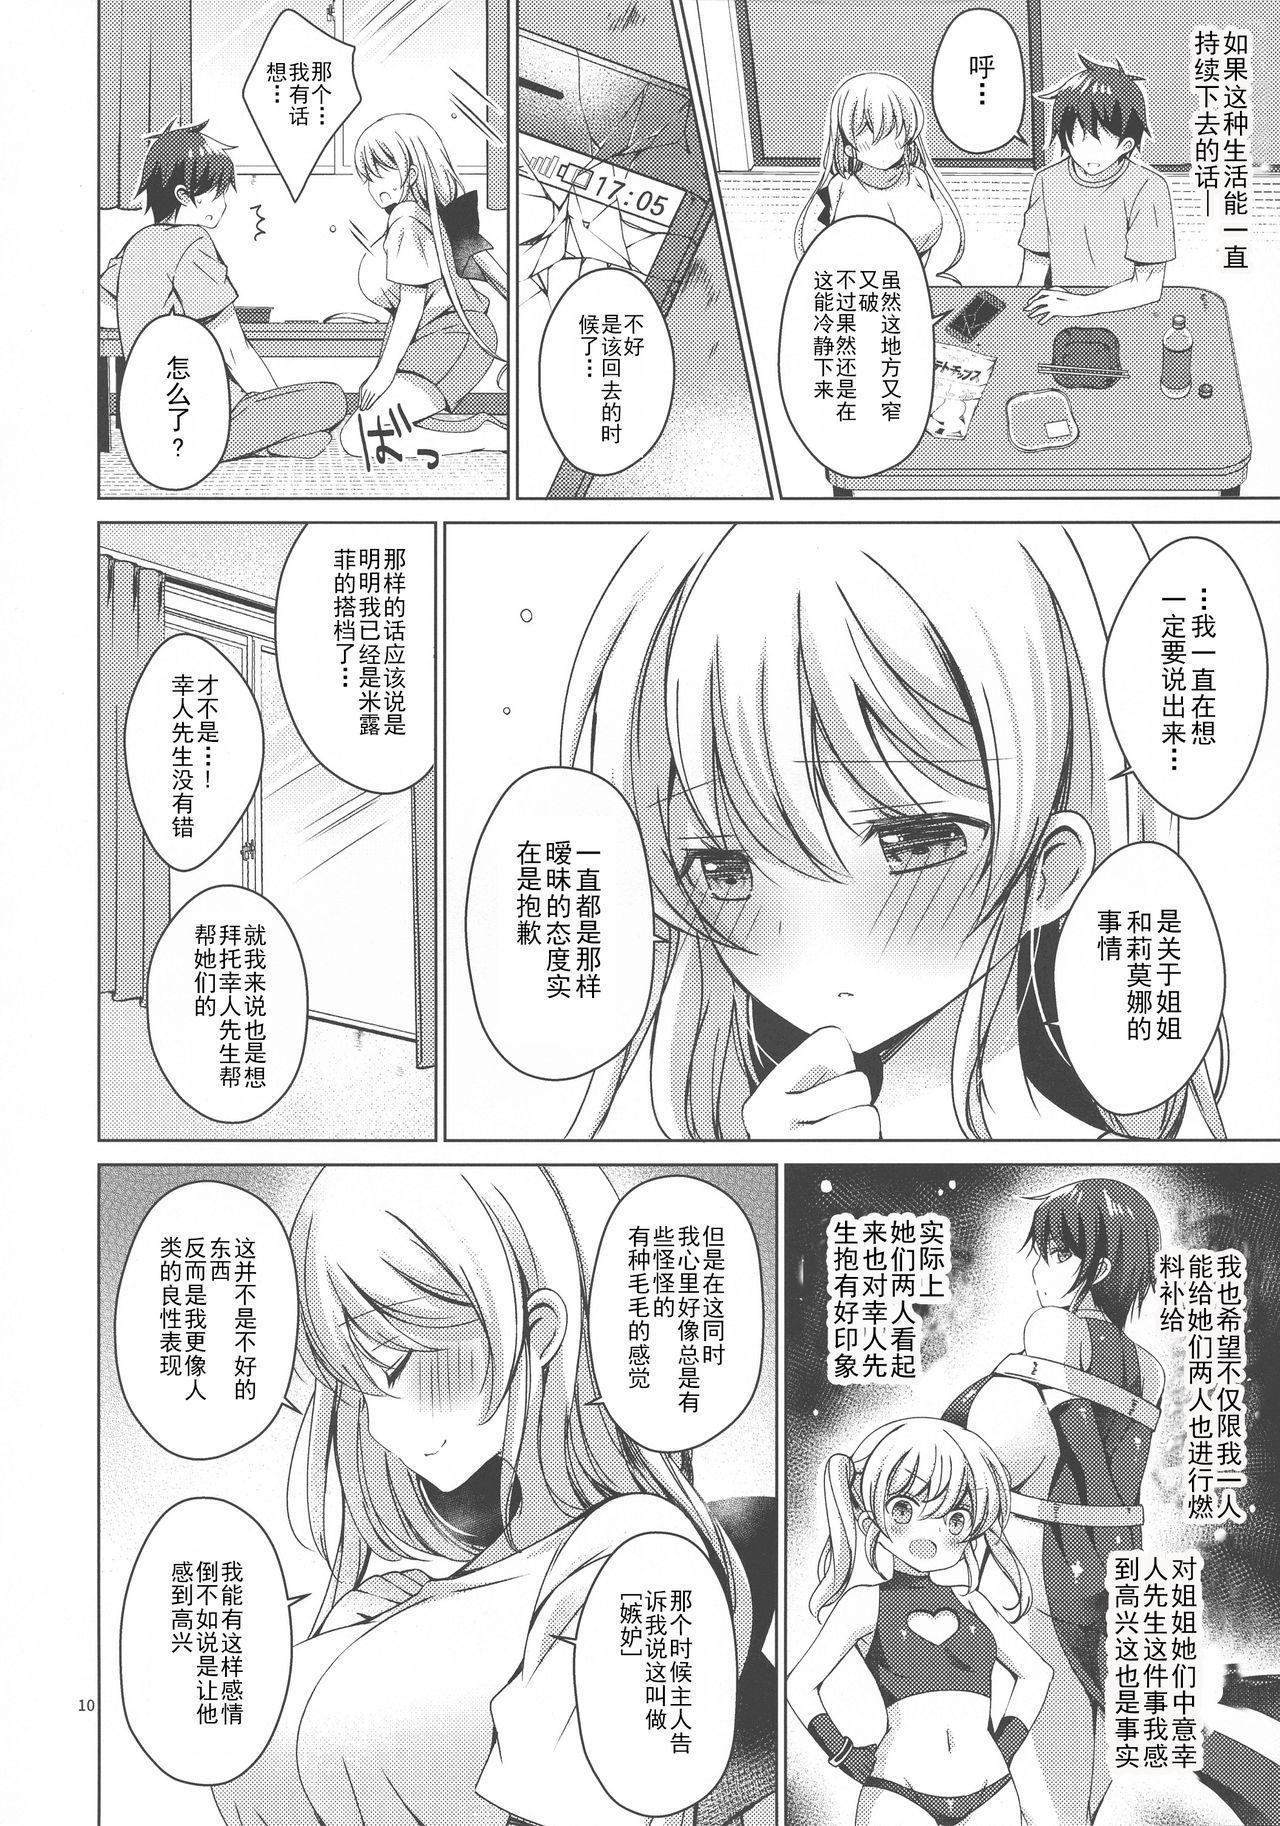 Android no Watashi ni Nenryou Hokyuu shite Kudasai 6 8